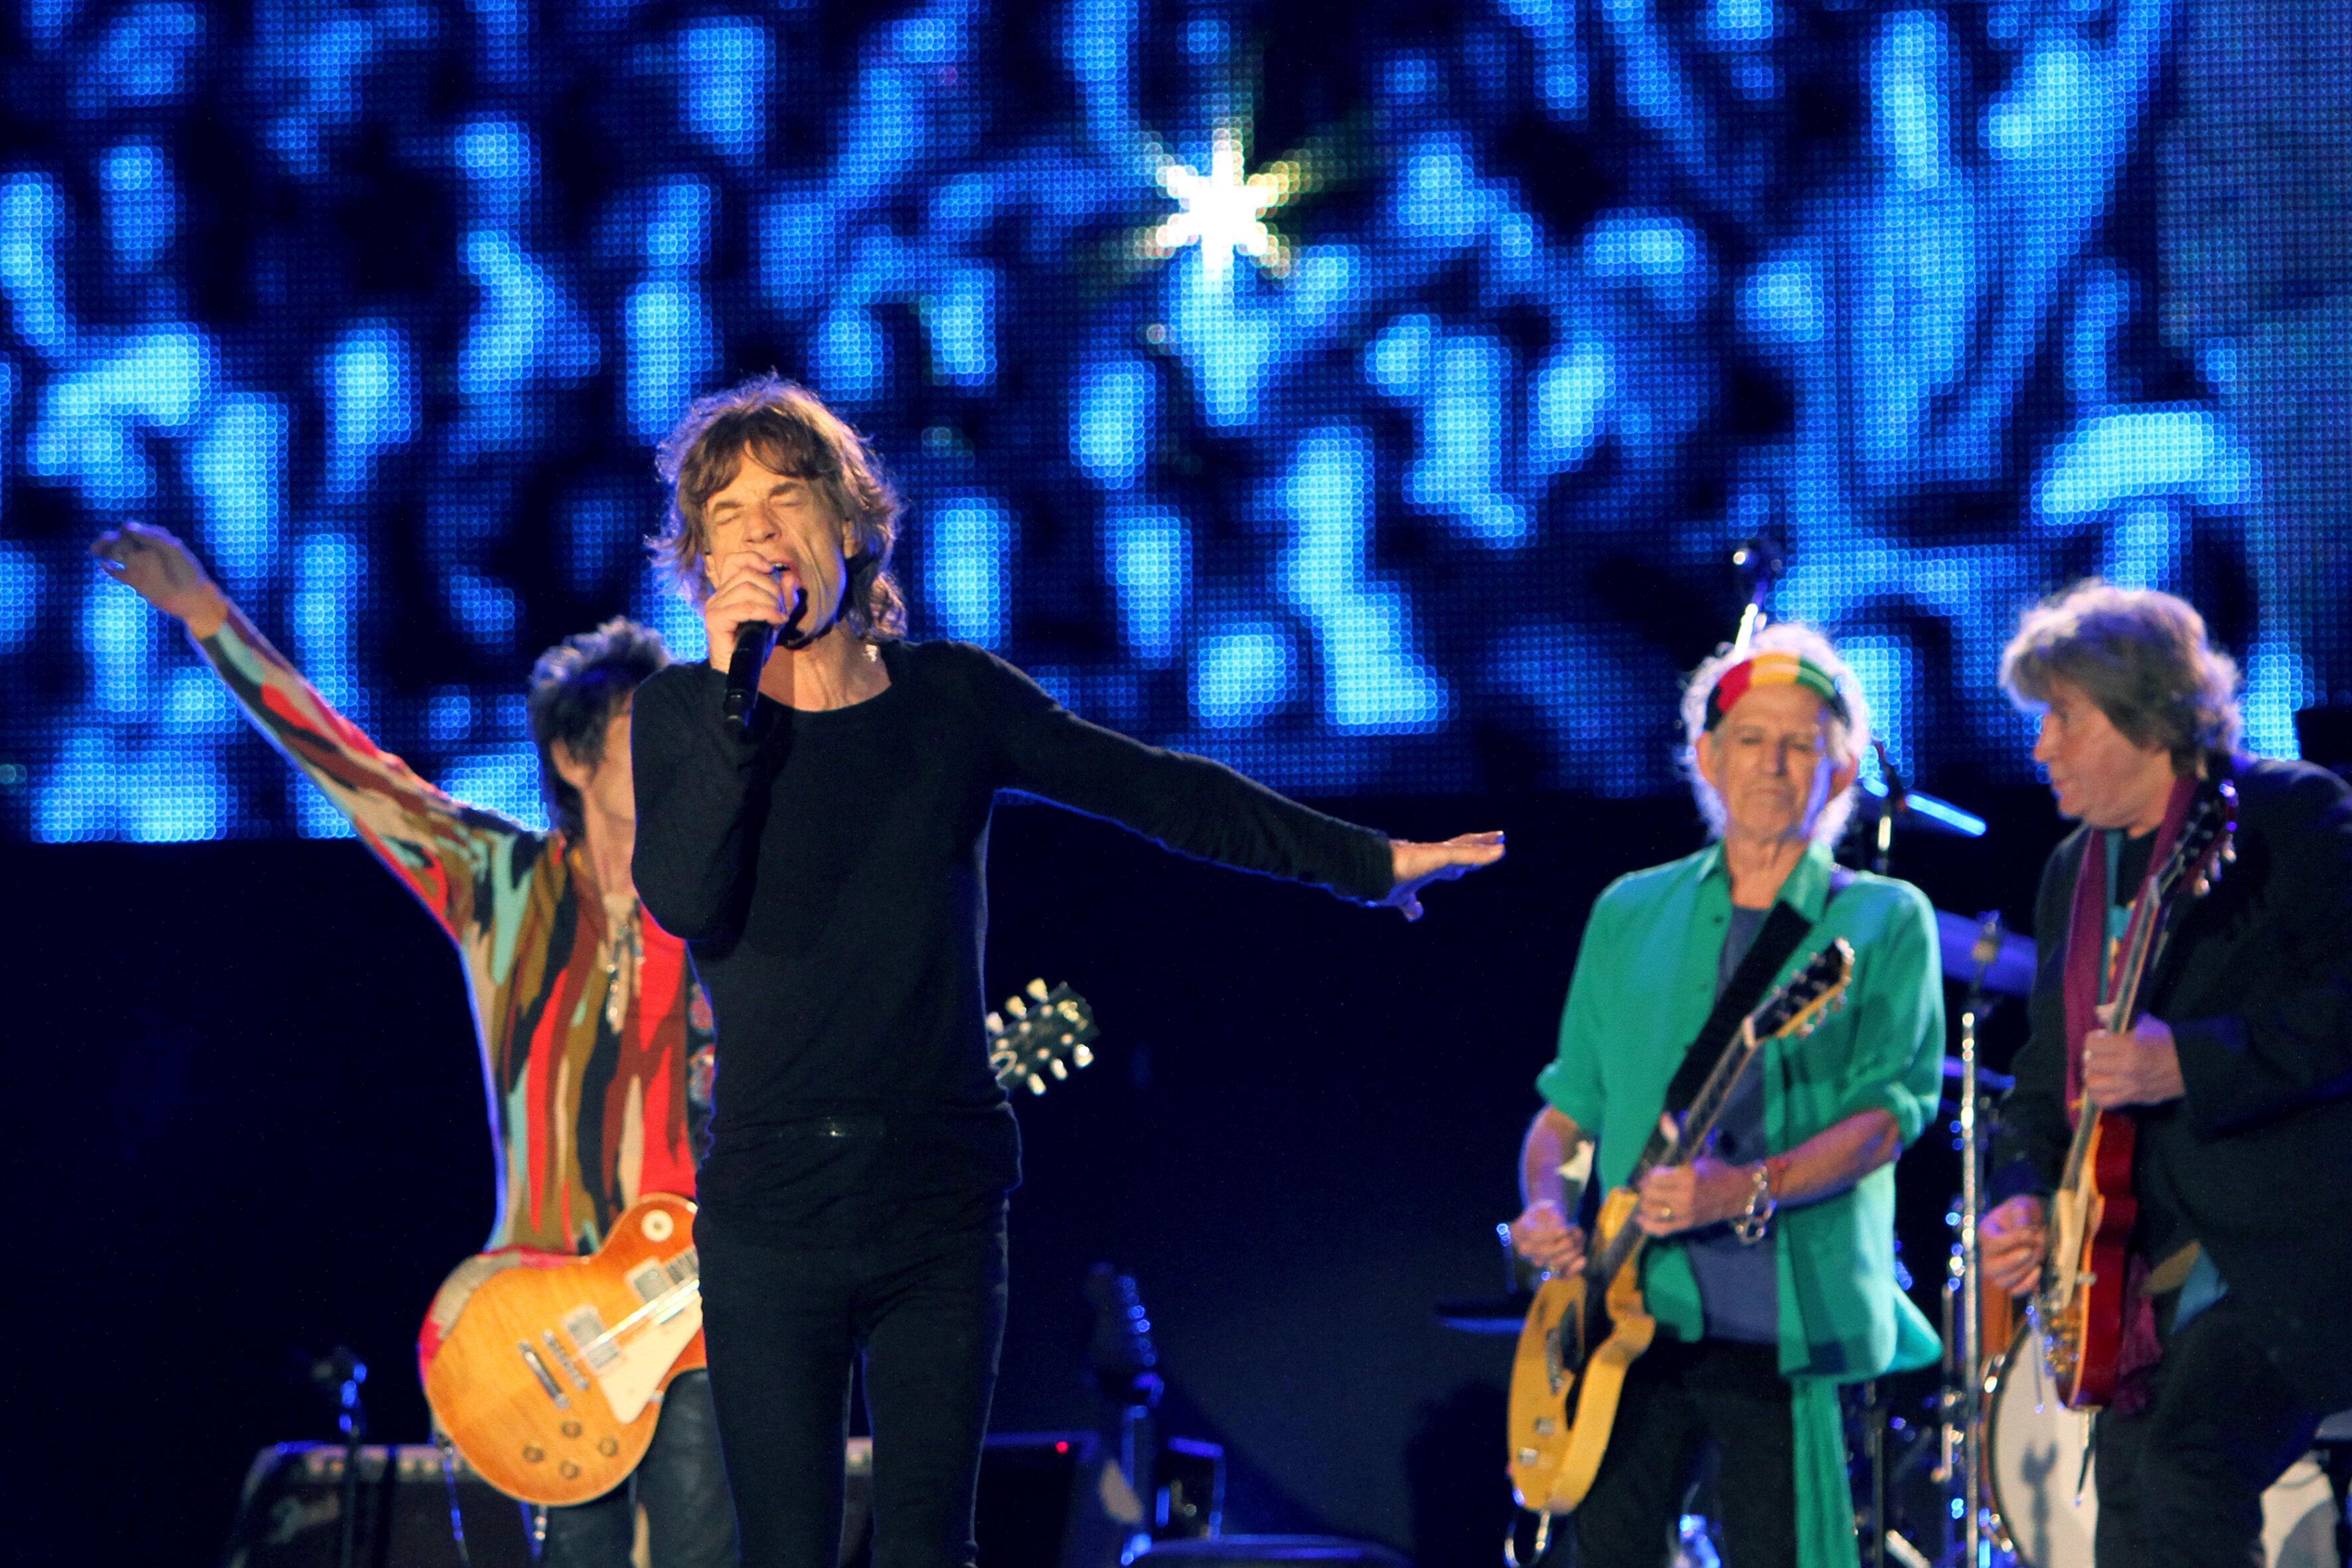 Οι Rolling Stones επιστρέφουν: Νέες συναυλίες μετά το χειρουργείο του